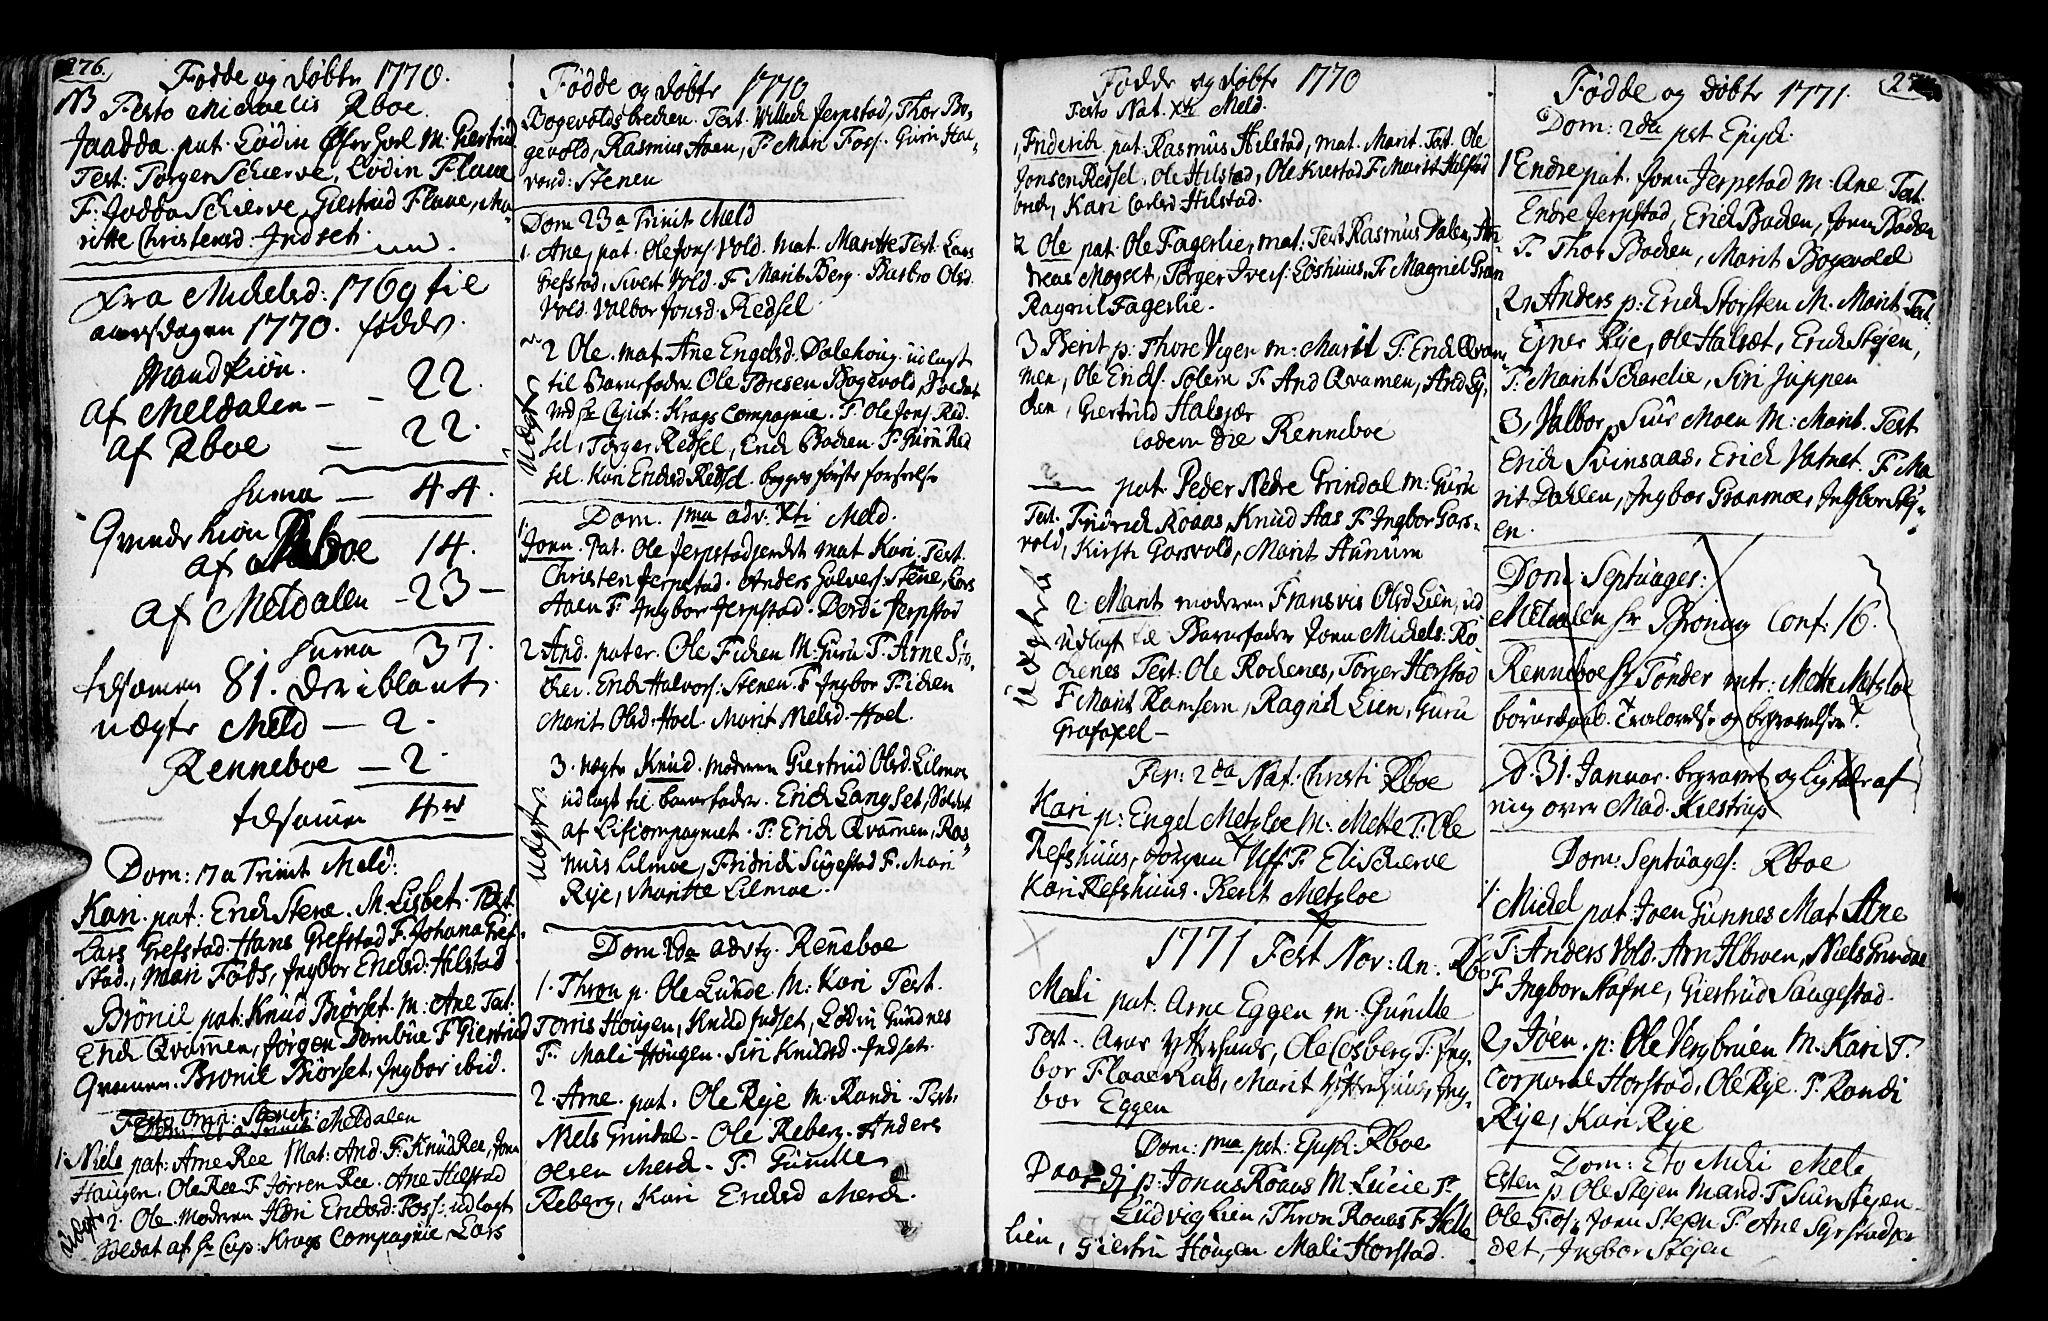 SAT, Ministerialprotokoller, klokkerbøker og fødselsregistre - Sør-Trøndelag, 672/L0851: Ministerialbok nr. 672A04, 1751-1775, s. 276-277